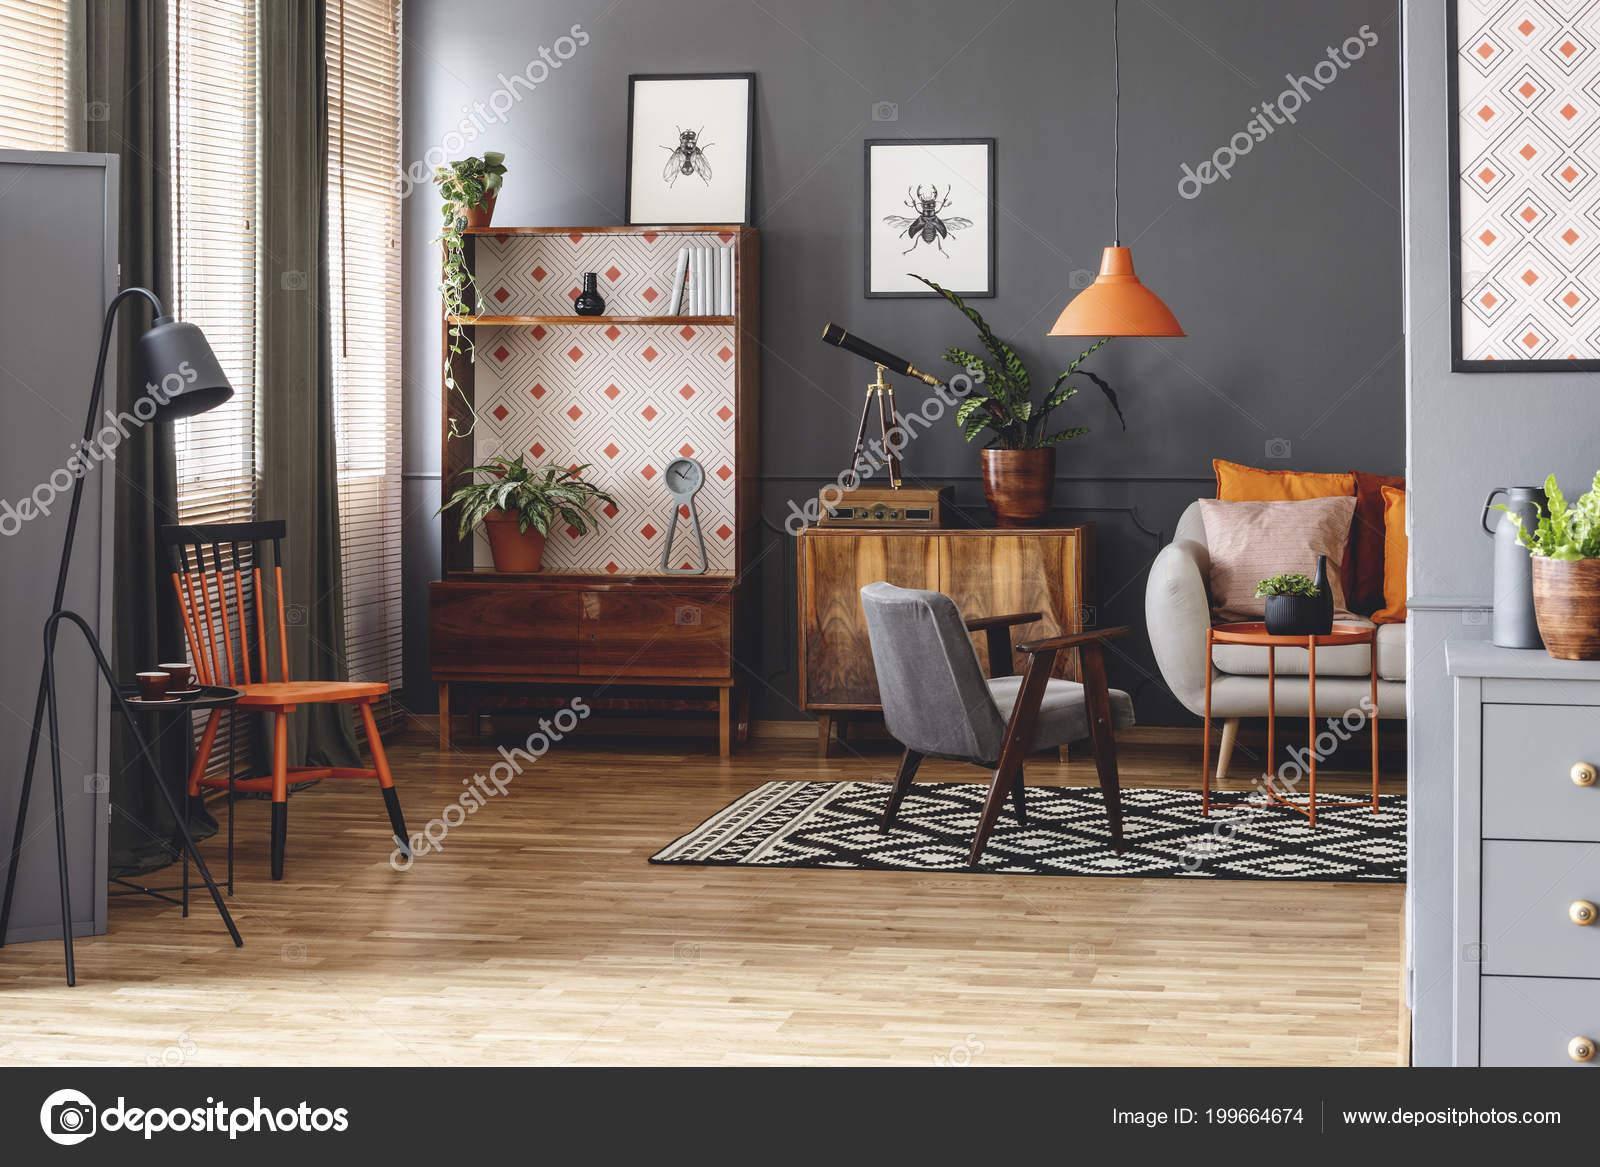 Zwarte lamp naast oranje stoel grijs woonkamer interieur met